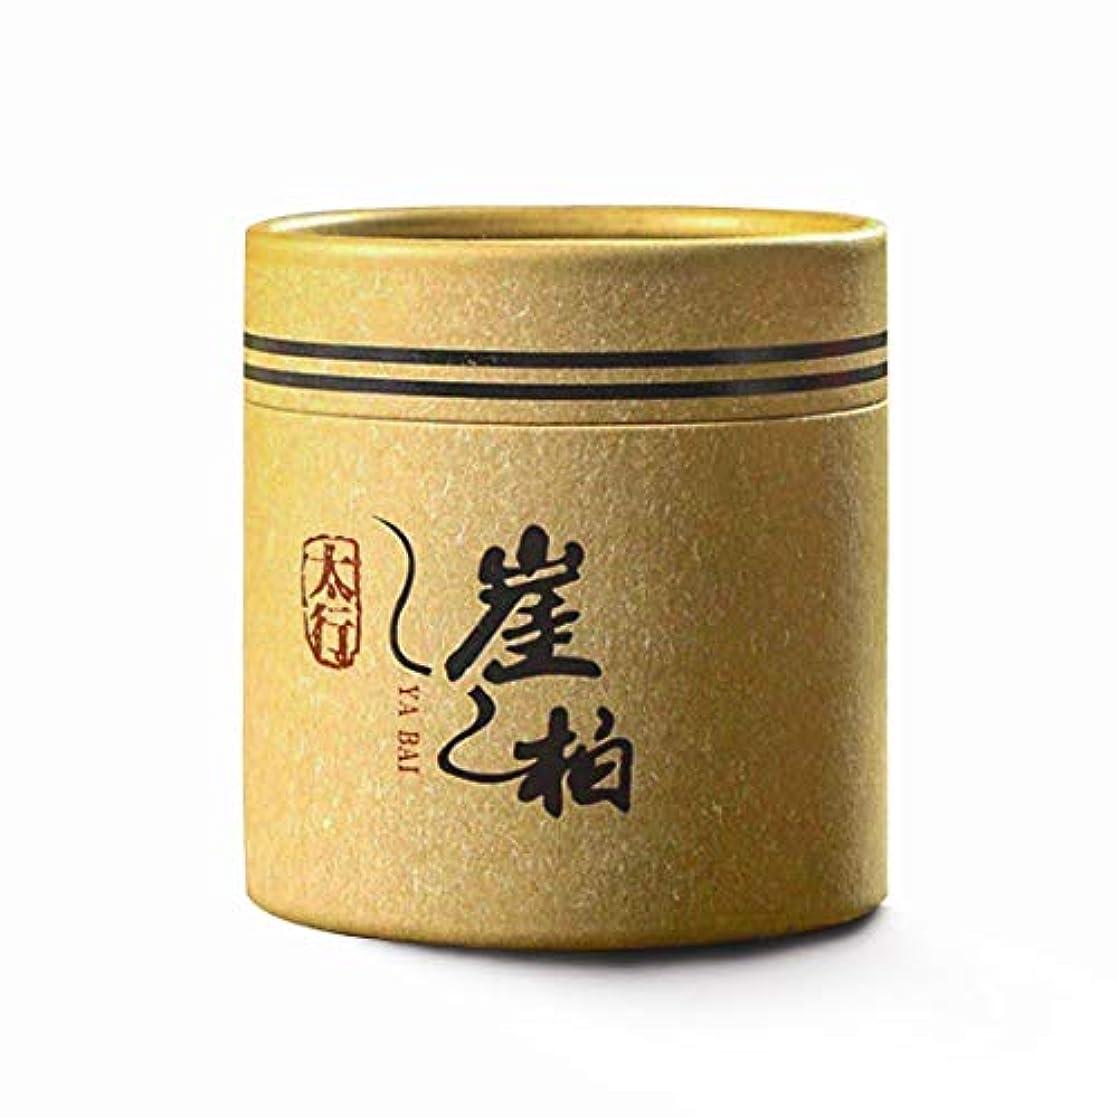 アルネ買い物に行く歴史家Hwagui お香 陈化崖柏 優しい香り 渦巻き線香 4時間盤香 48巻入